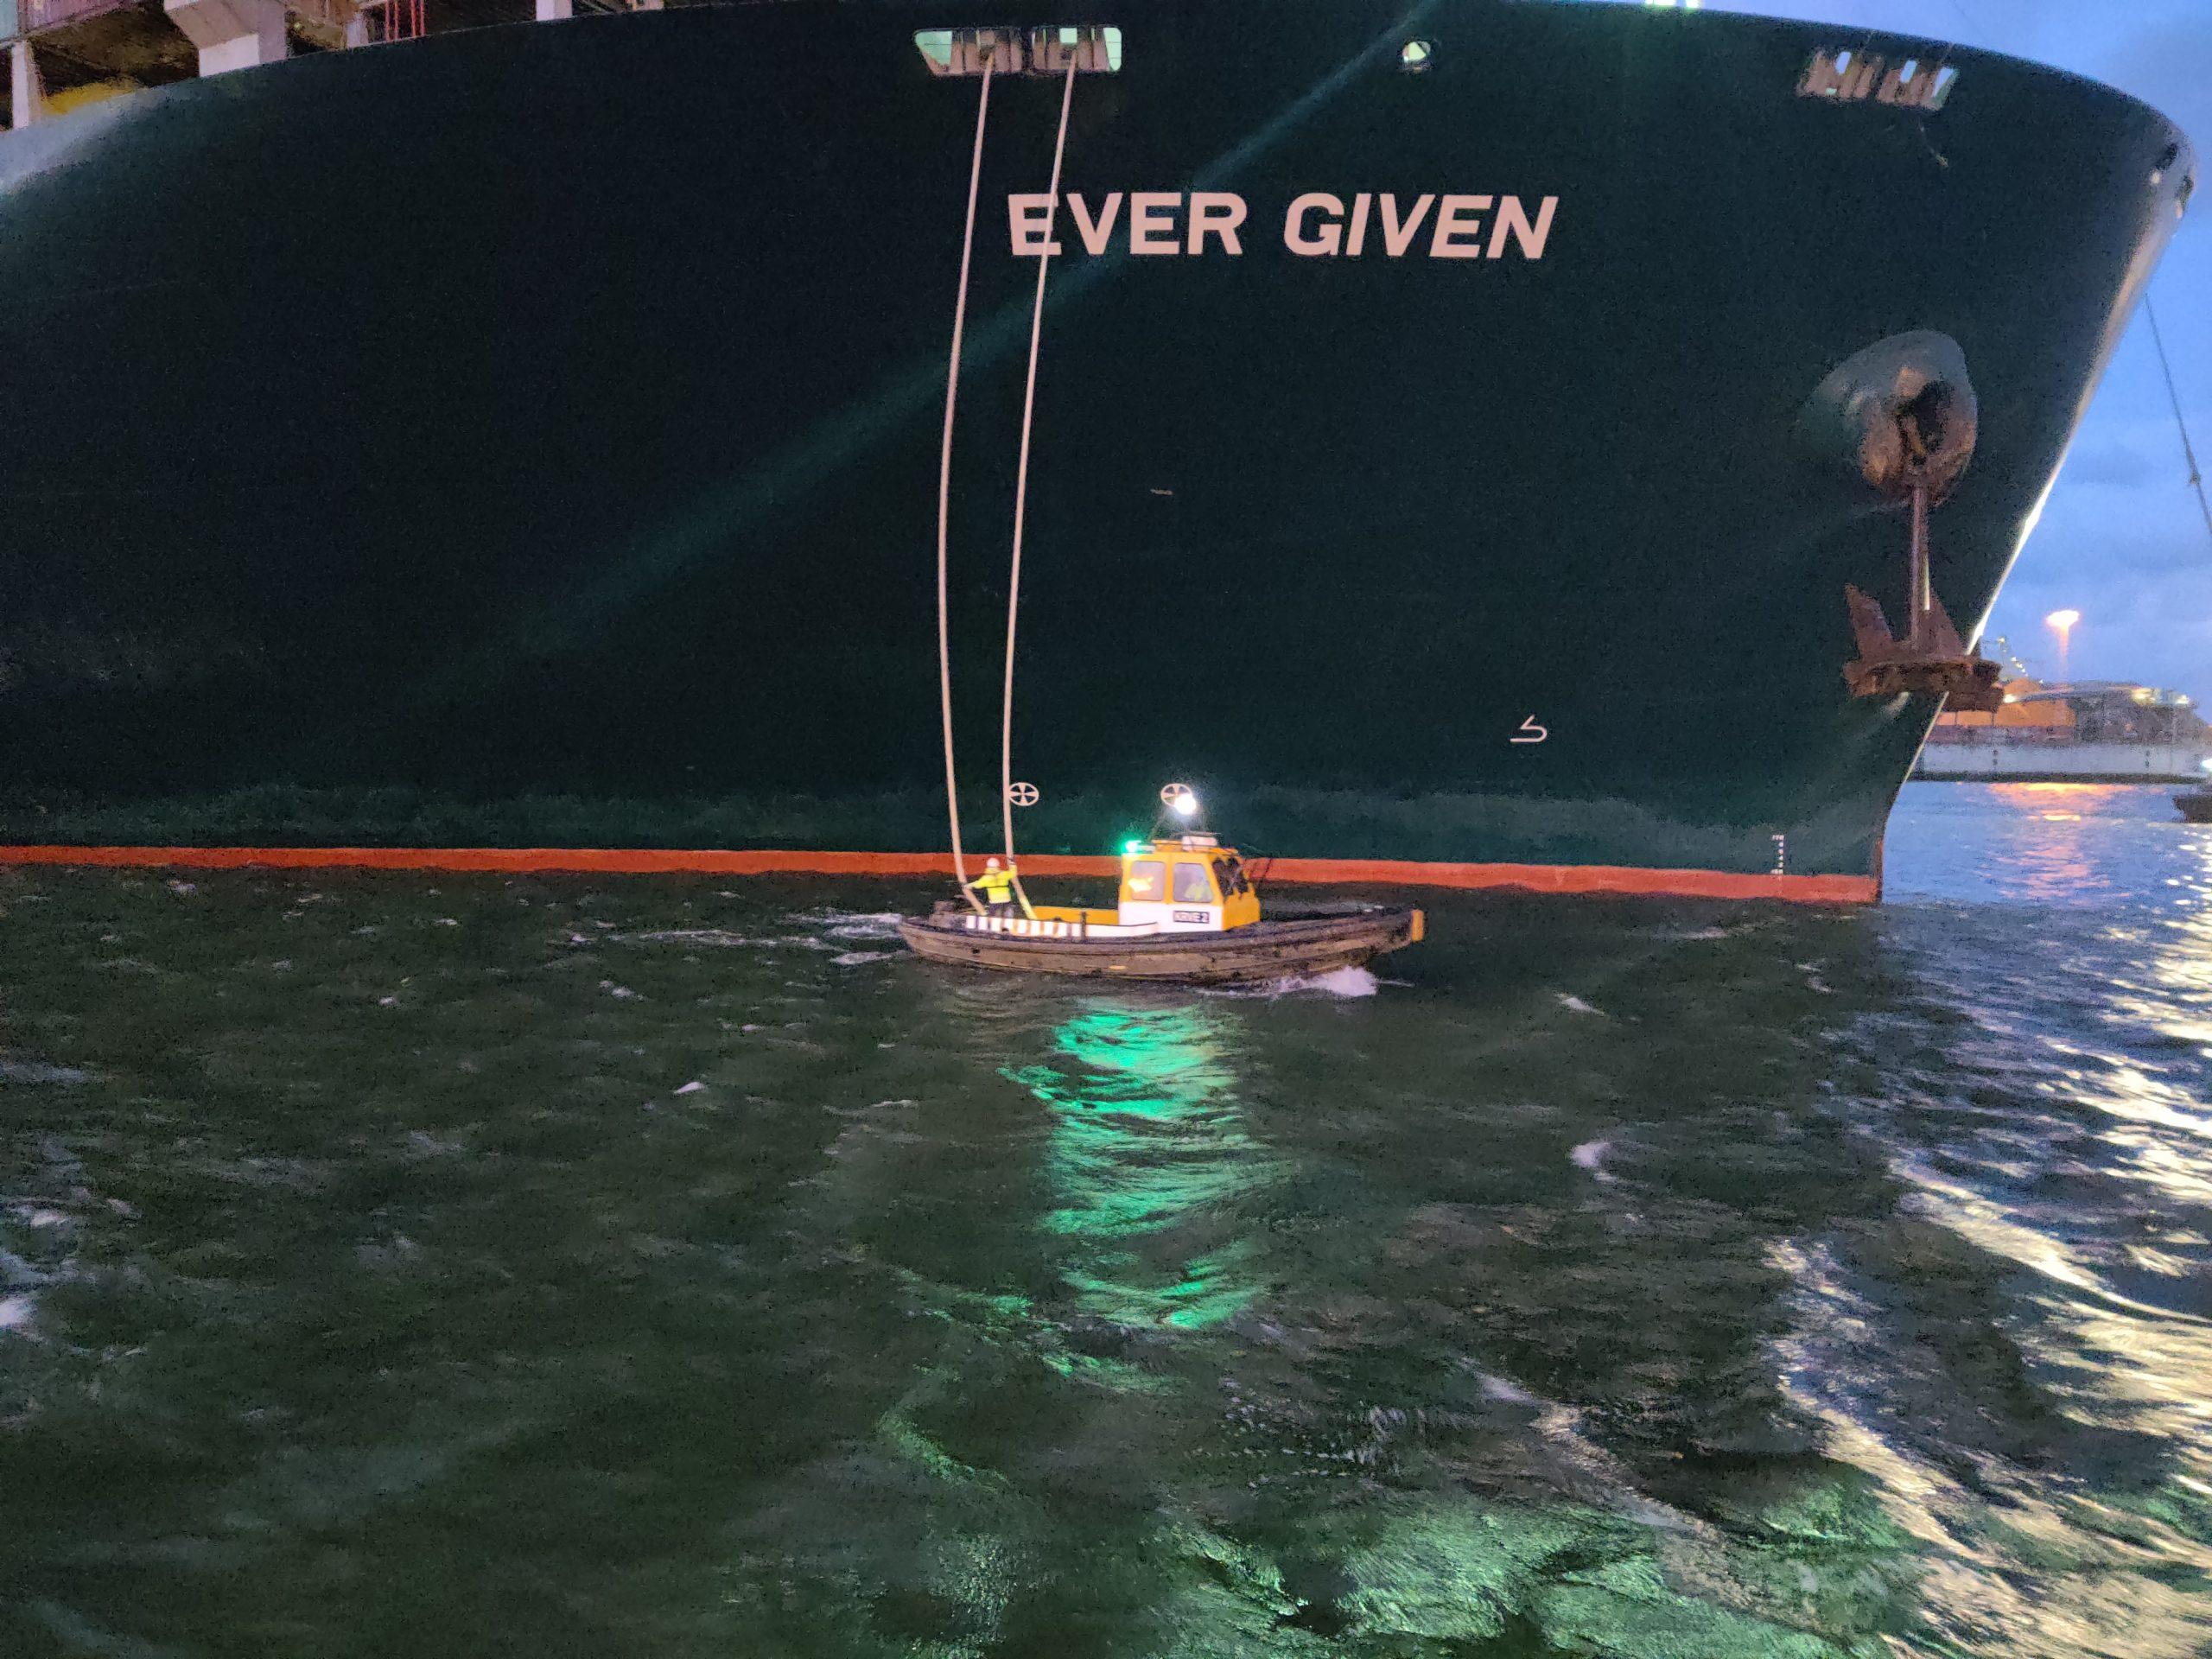 De bootjes van het Loodswezen helpen het schip de haven in. (Foto Robin van den Bovenkamp)